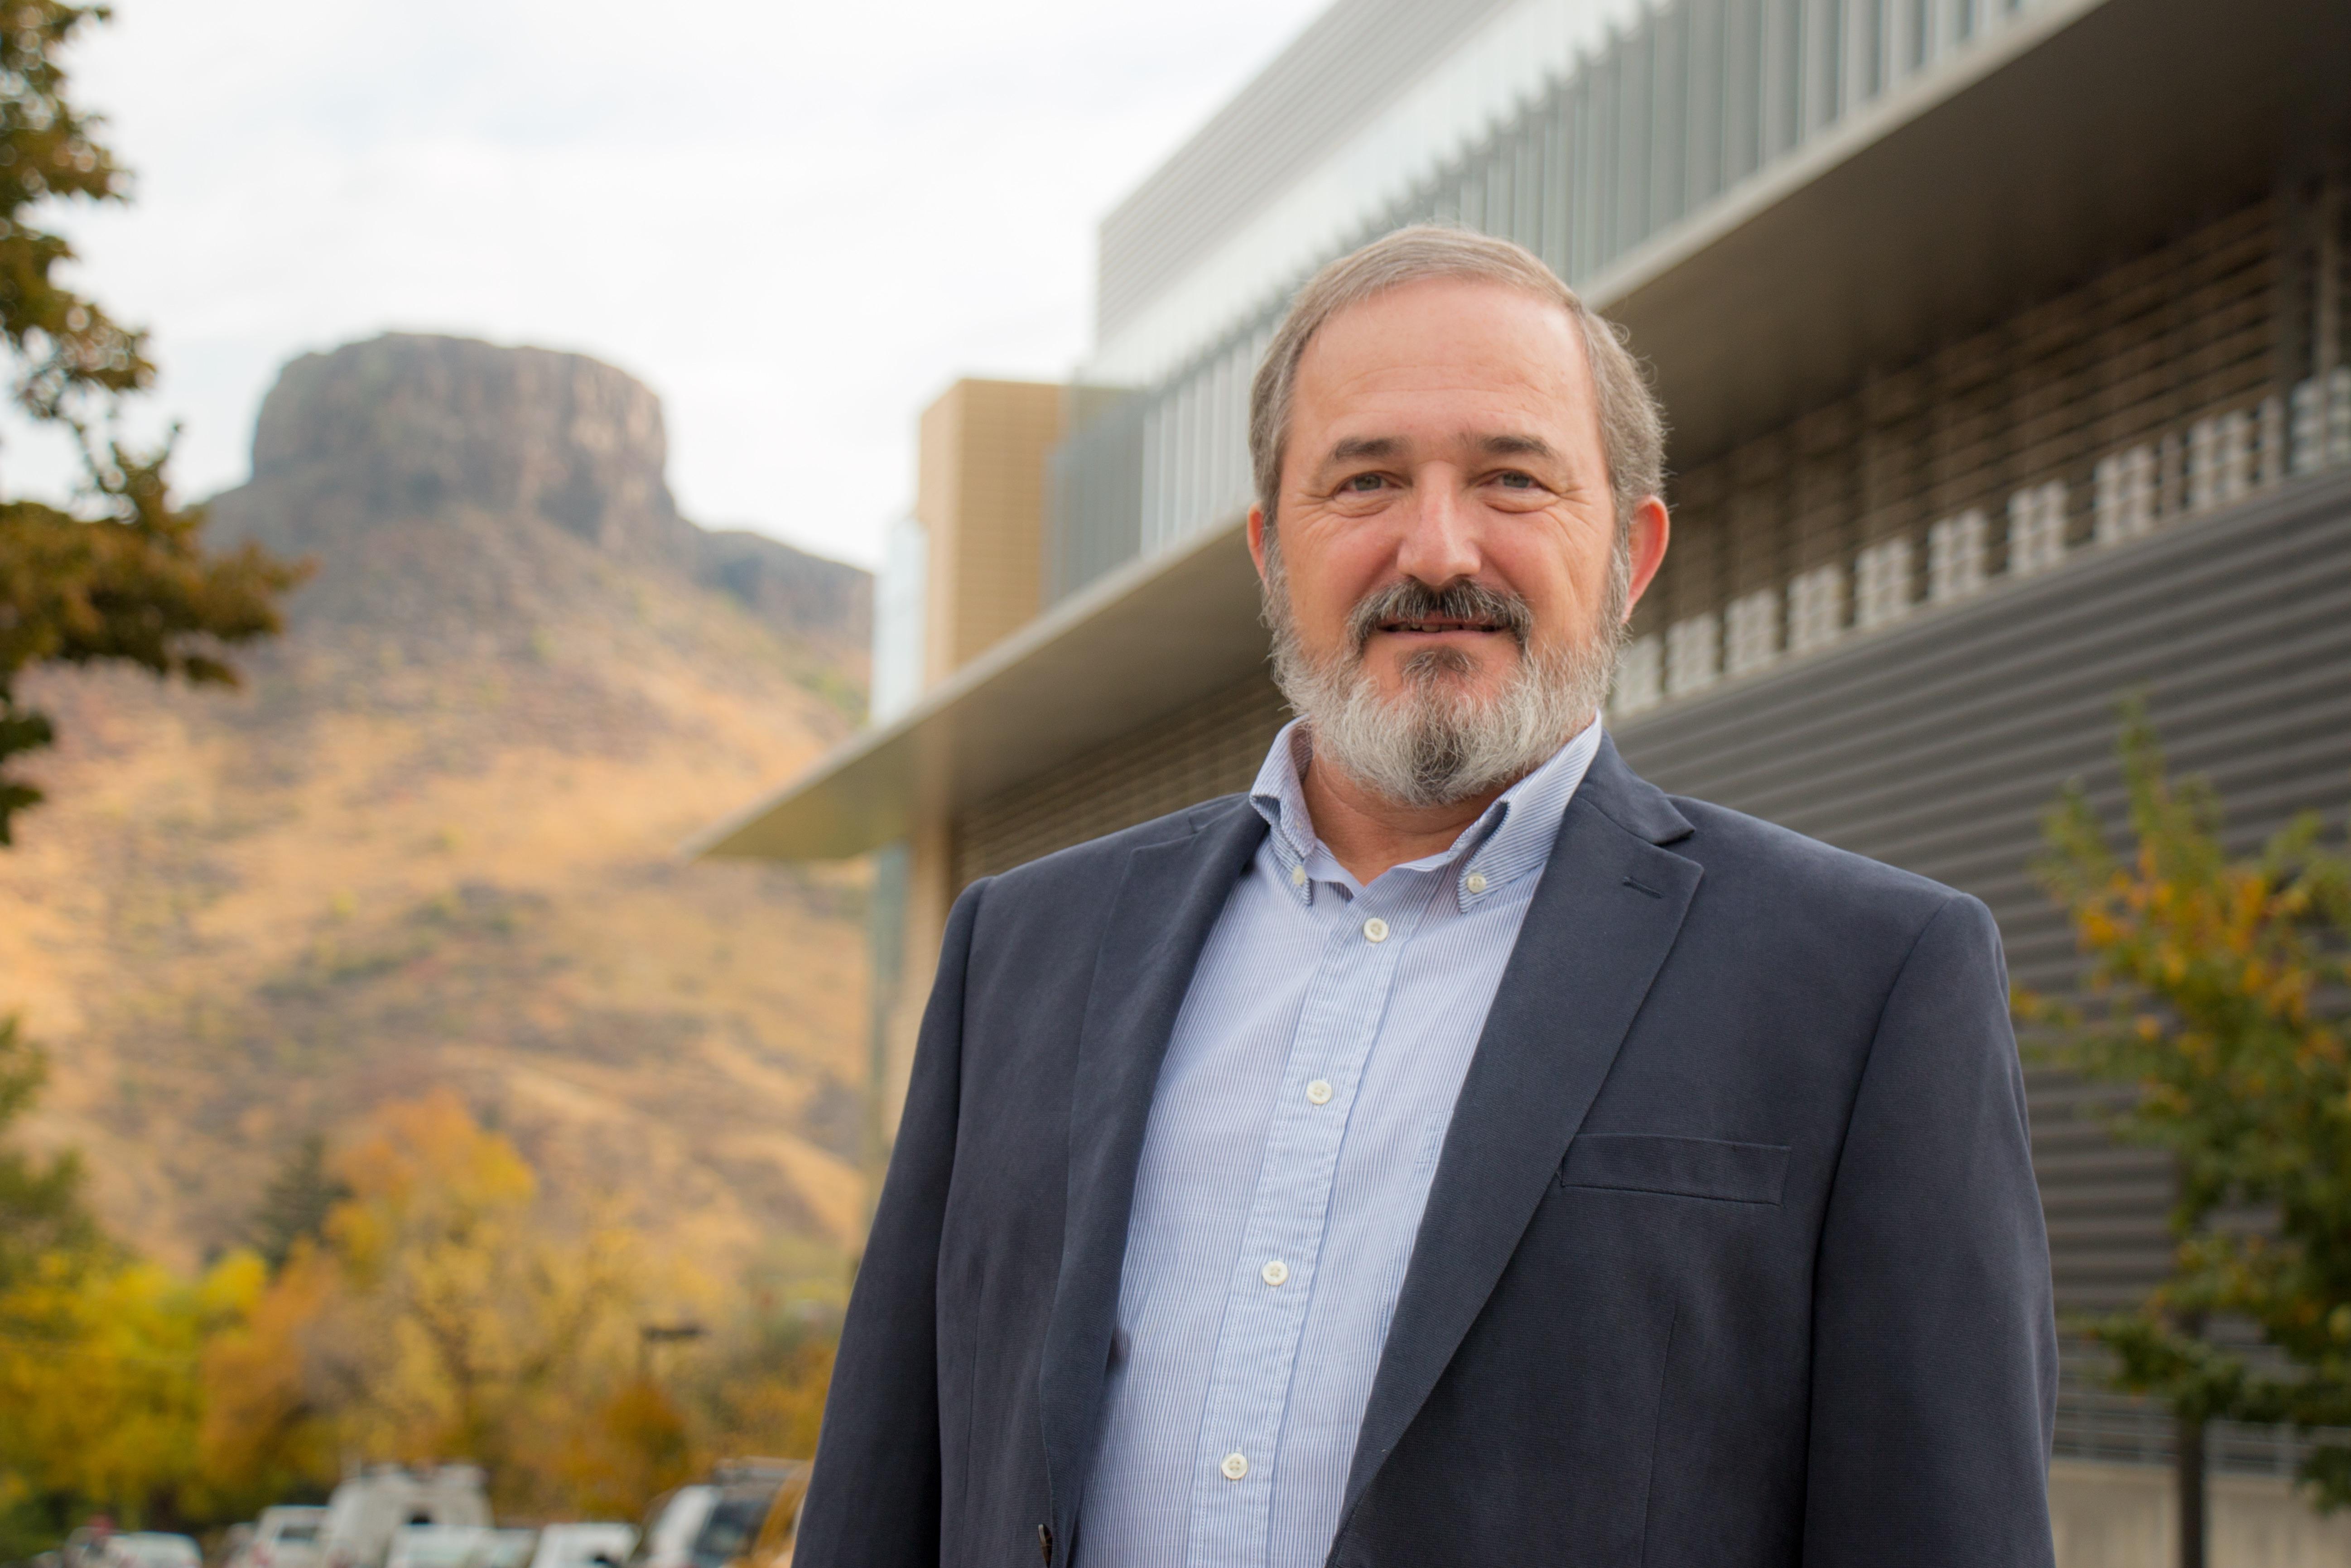 Mines Professor Erdal Ozkan